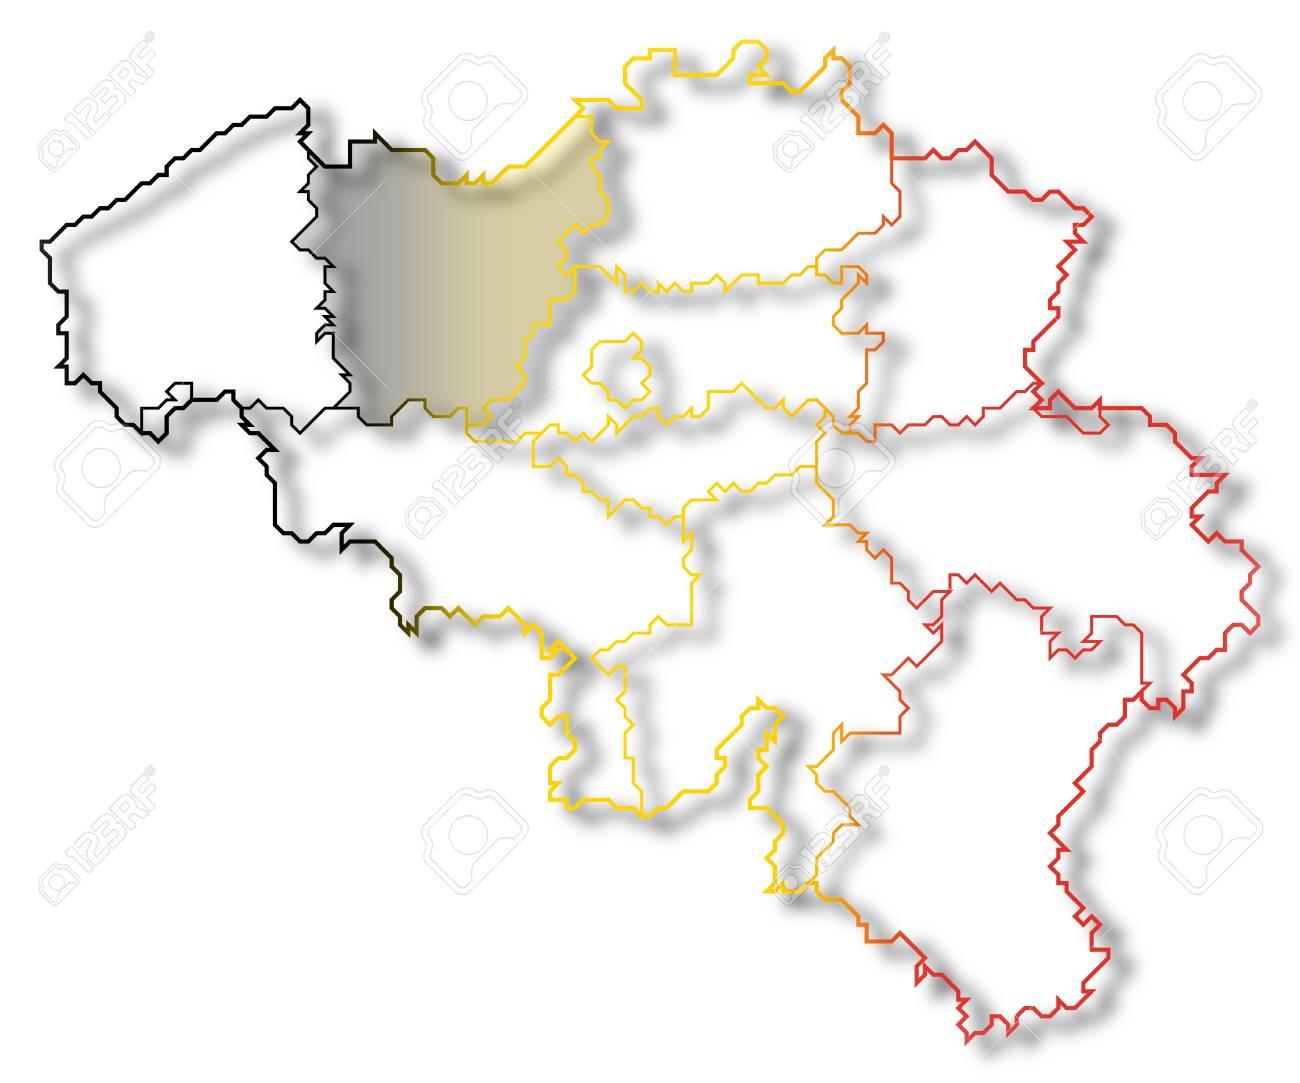 Mapa Politico De Belgica Con Los Diferentes Estados Donde Se